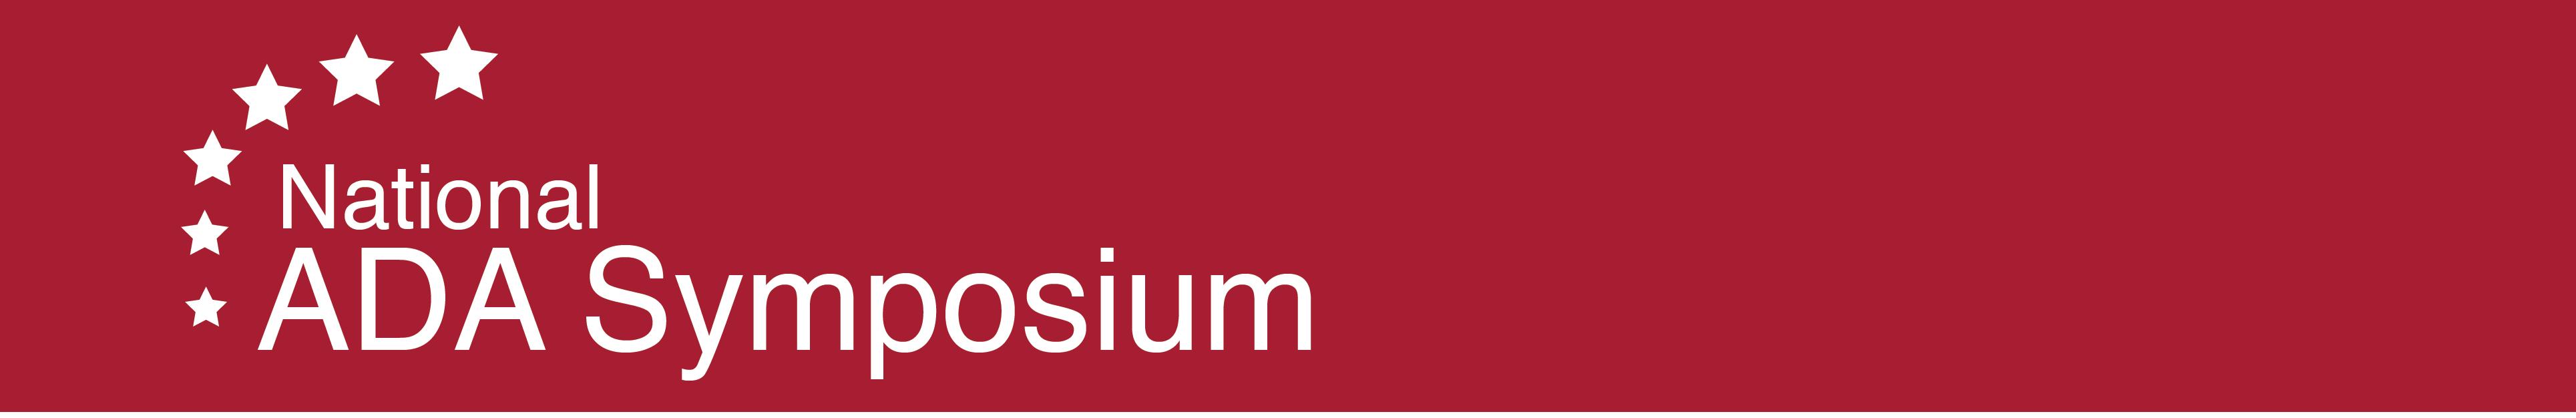 2019 National ADA Symposium